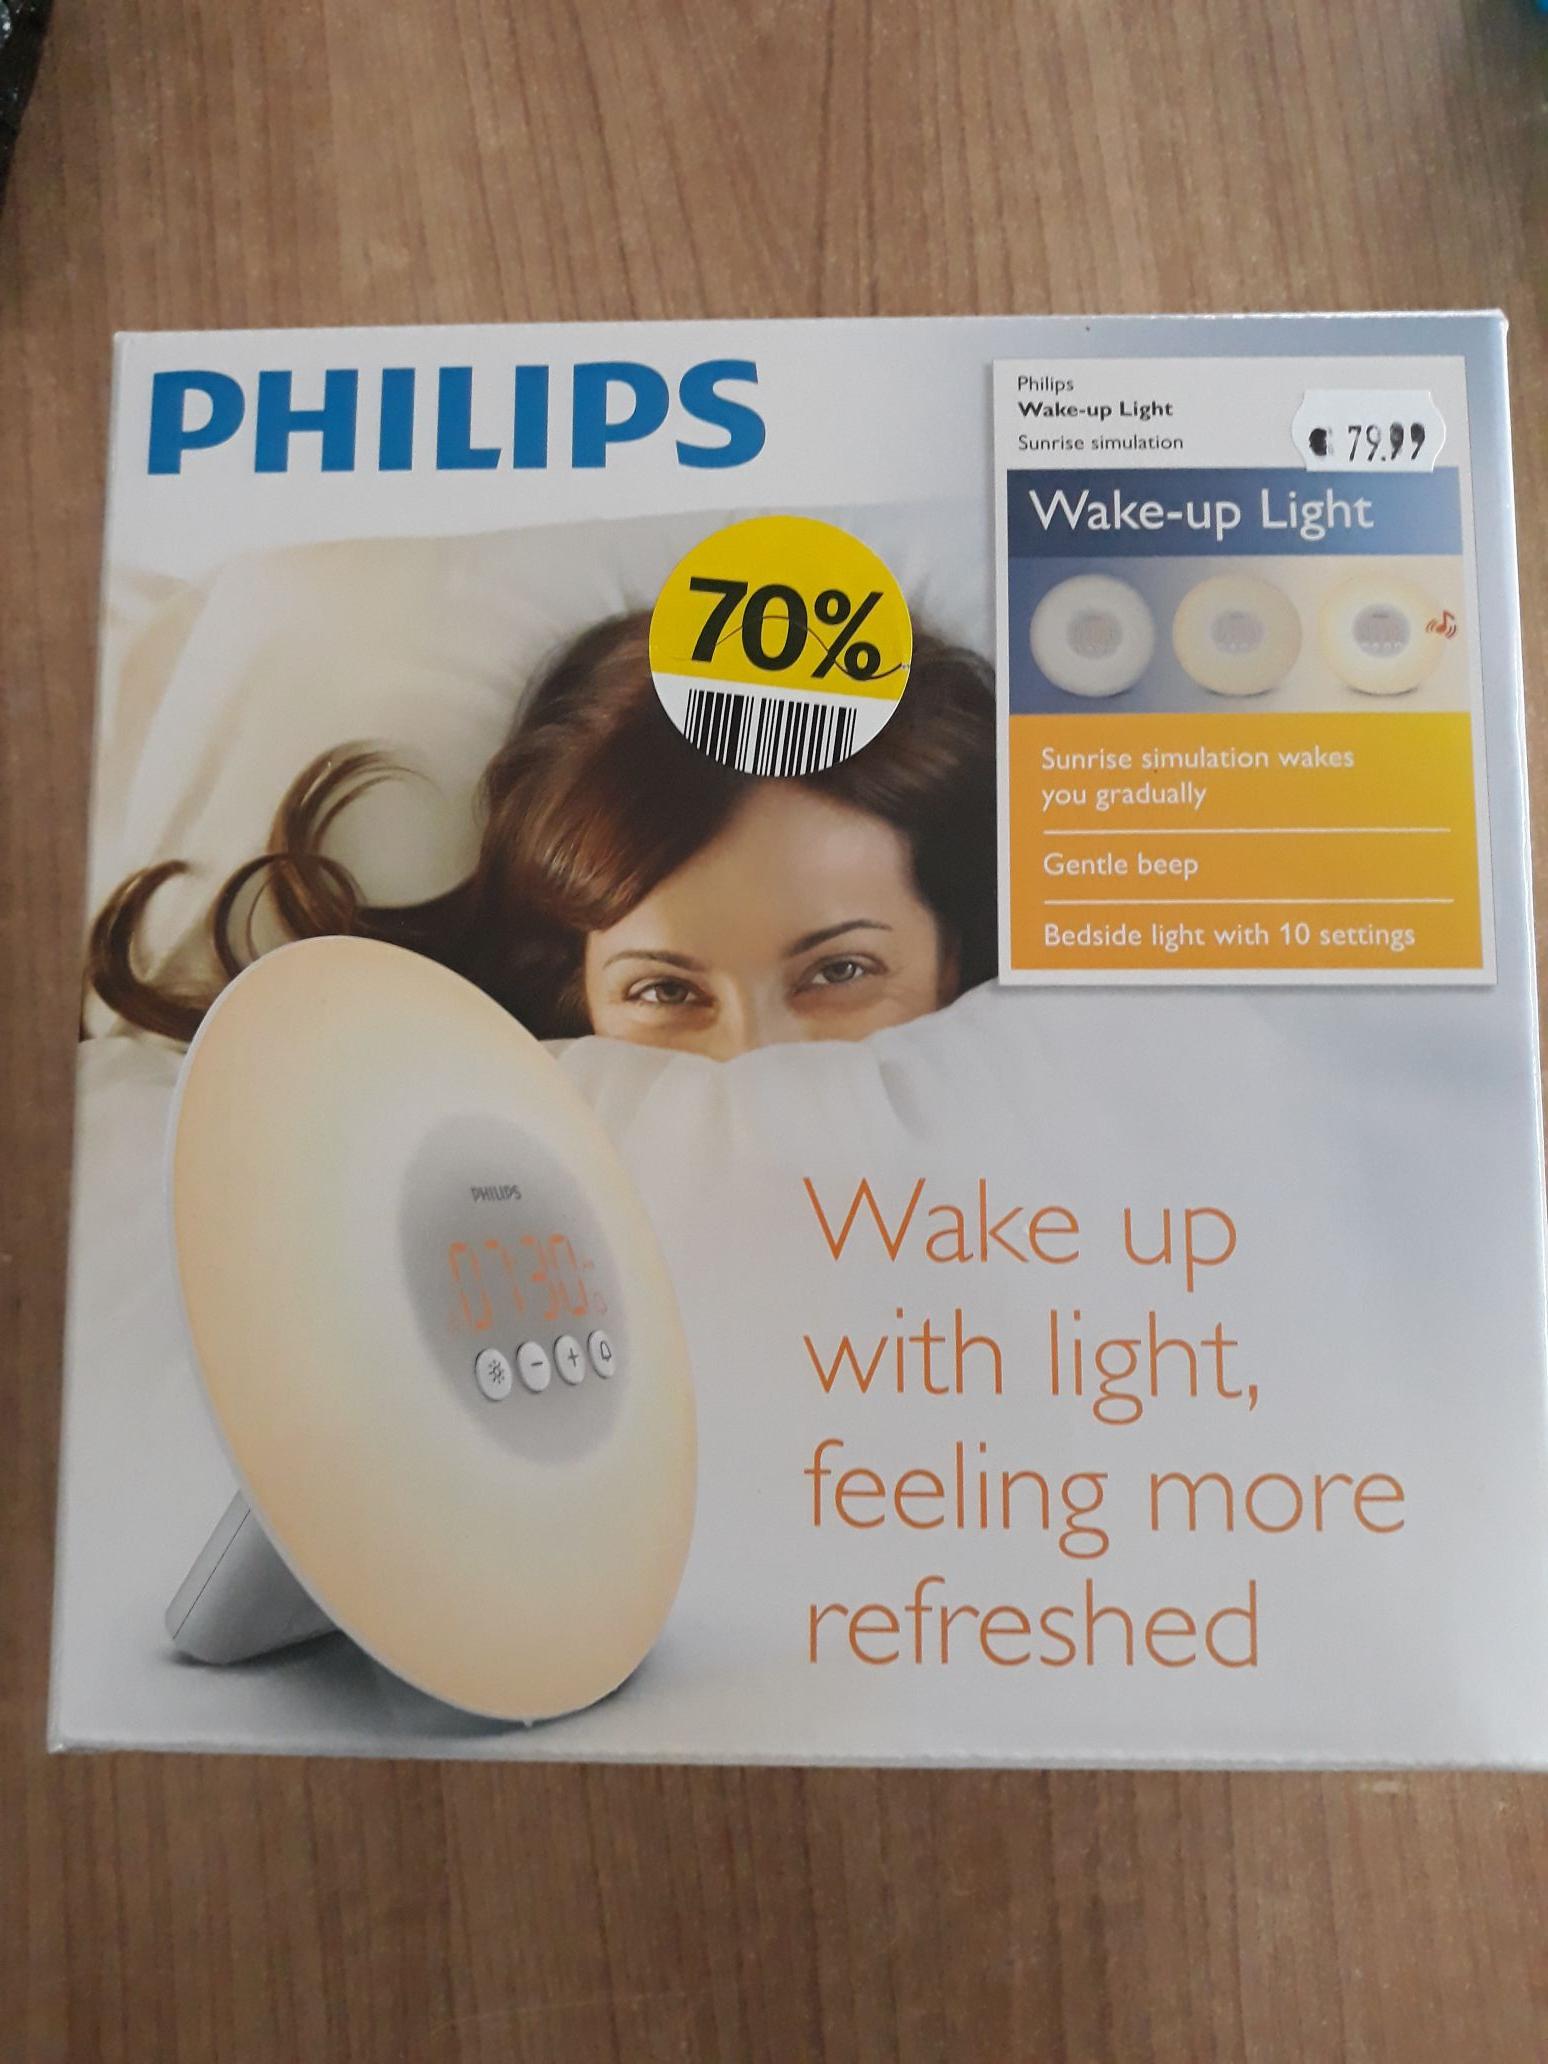 Philips wake up light hs3500